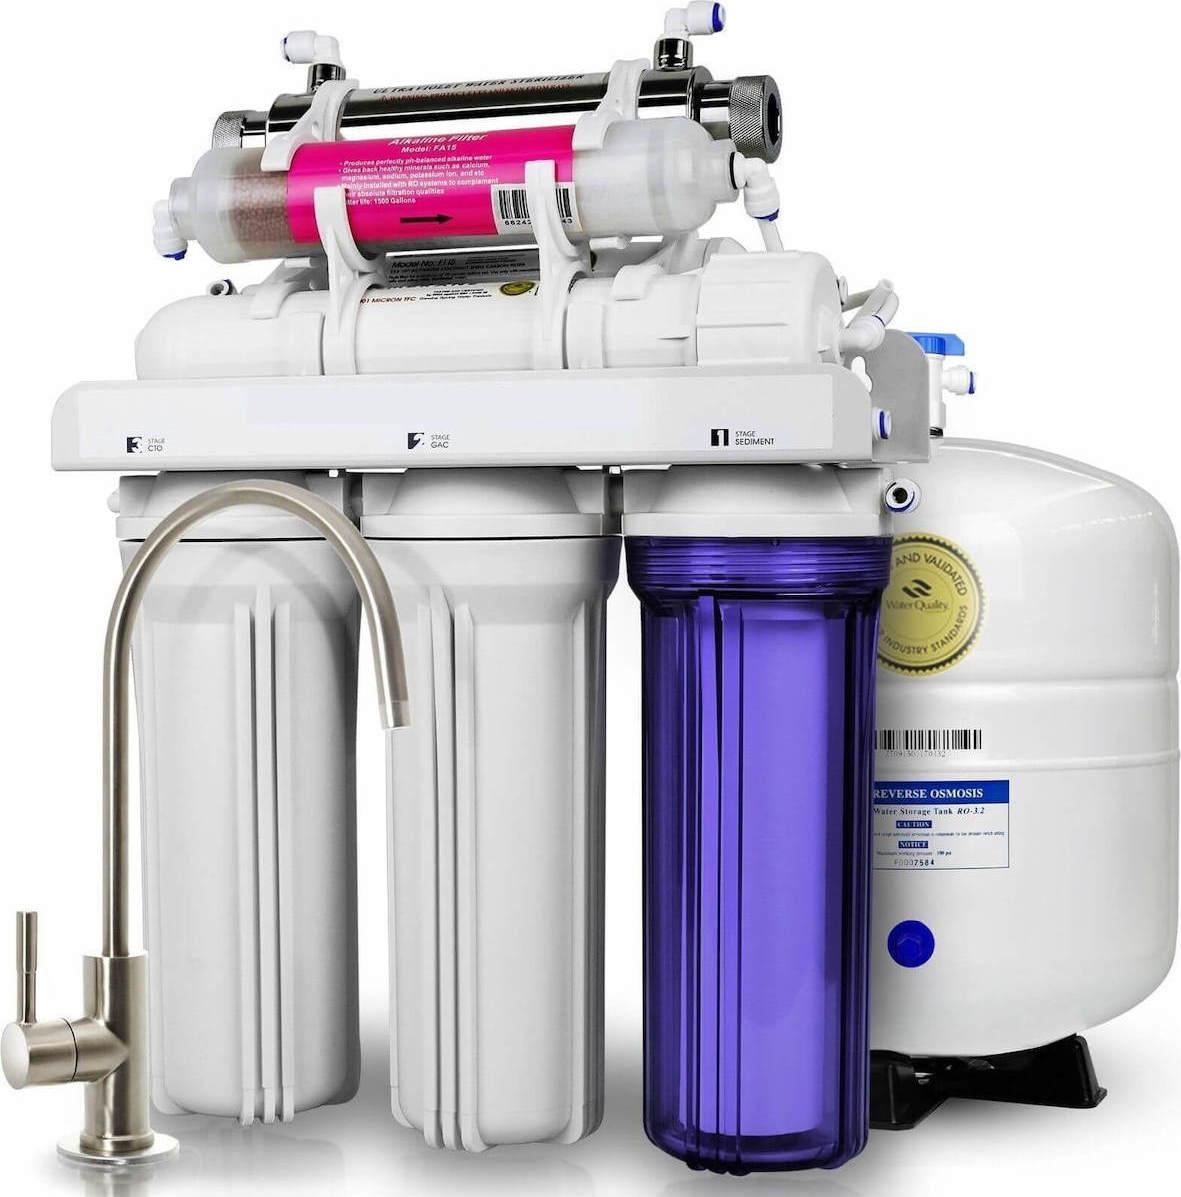 Σύστημα καθαρισμού νερού 7 σταδίων Αντίστροφης Όσμωσης με Αντλία και λάμπα UV Eiger RO ECO 7